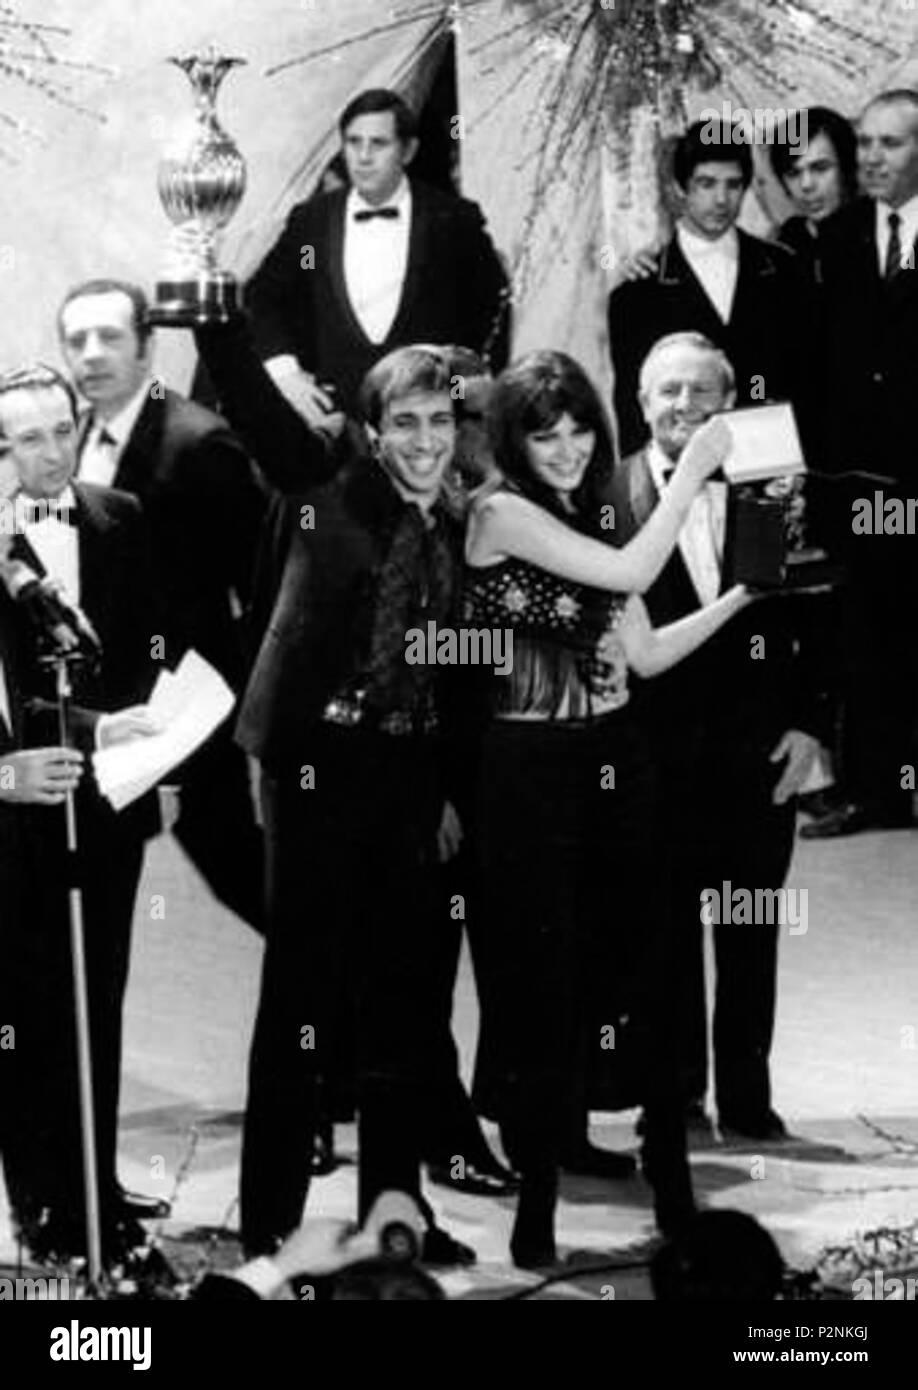 . Adriano Celentano and his wife Claudia Mori win the 1970 Sanremo Music Festival with Chi non lavora non fa l'amore . 28 February 1970. Olycom Press Agency 79 Sanremo 1970 Adriano Celentano Claudia Mori - Stock Image